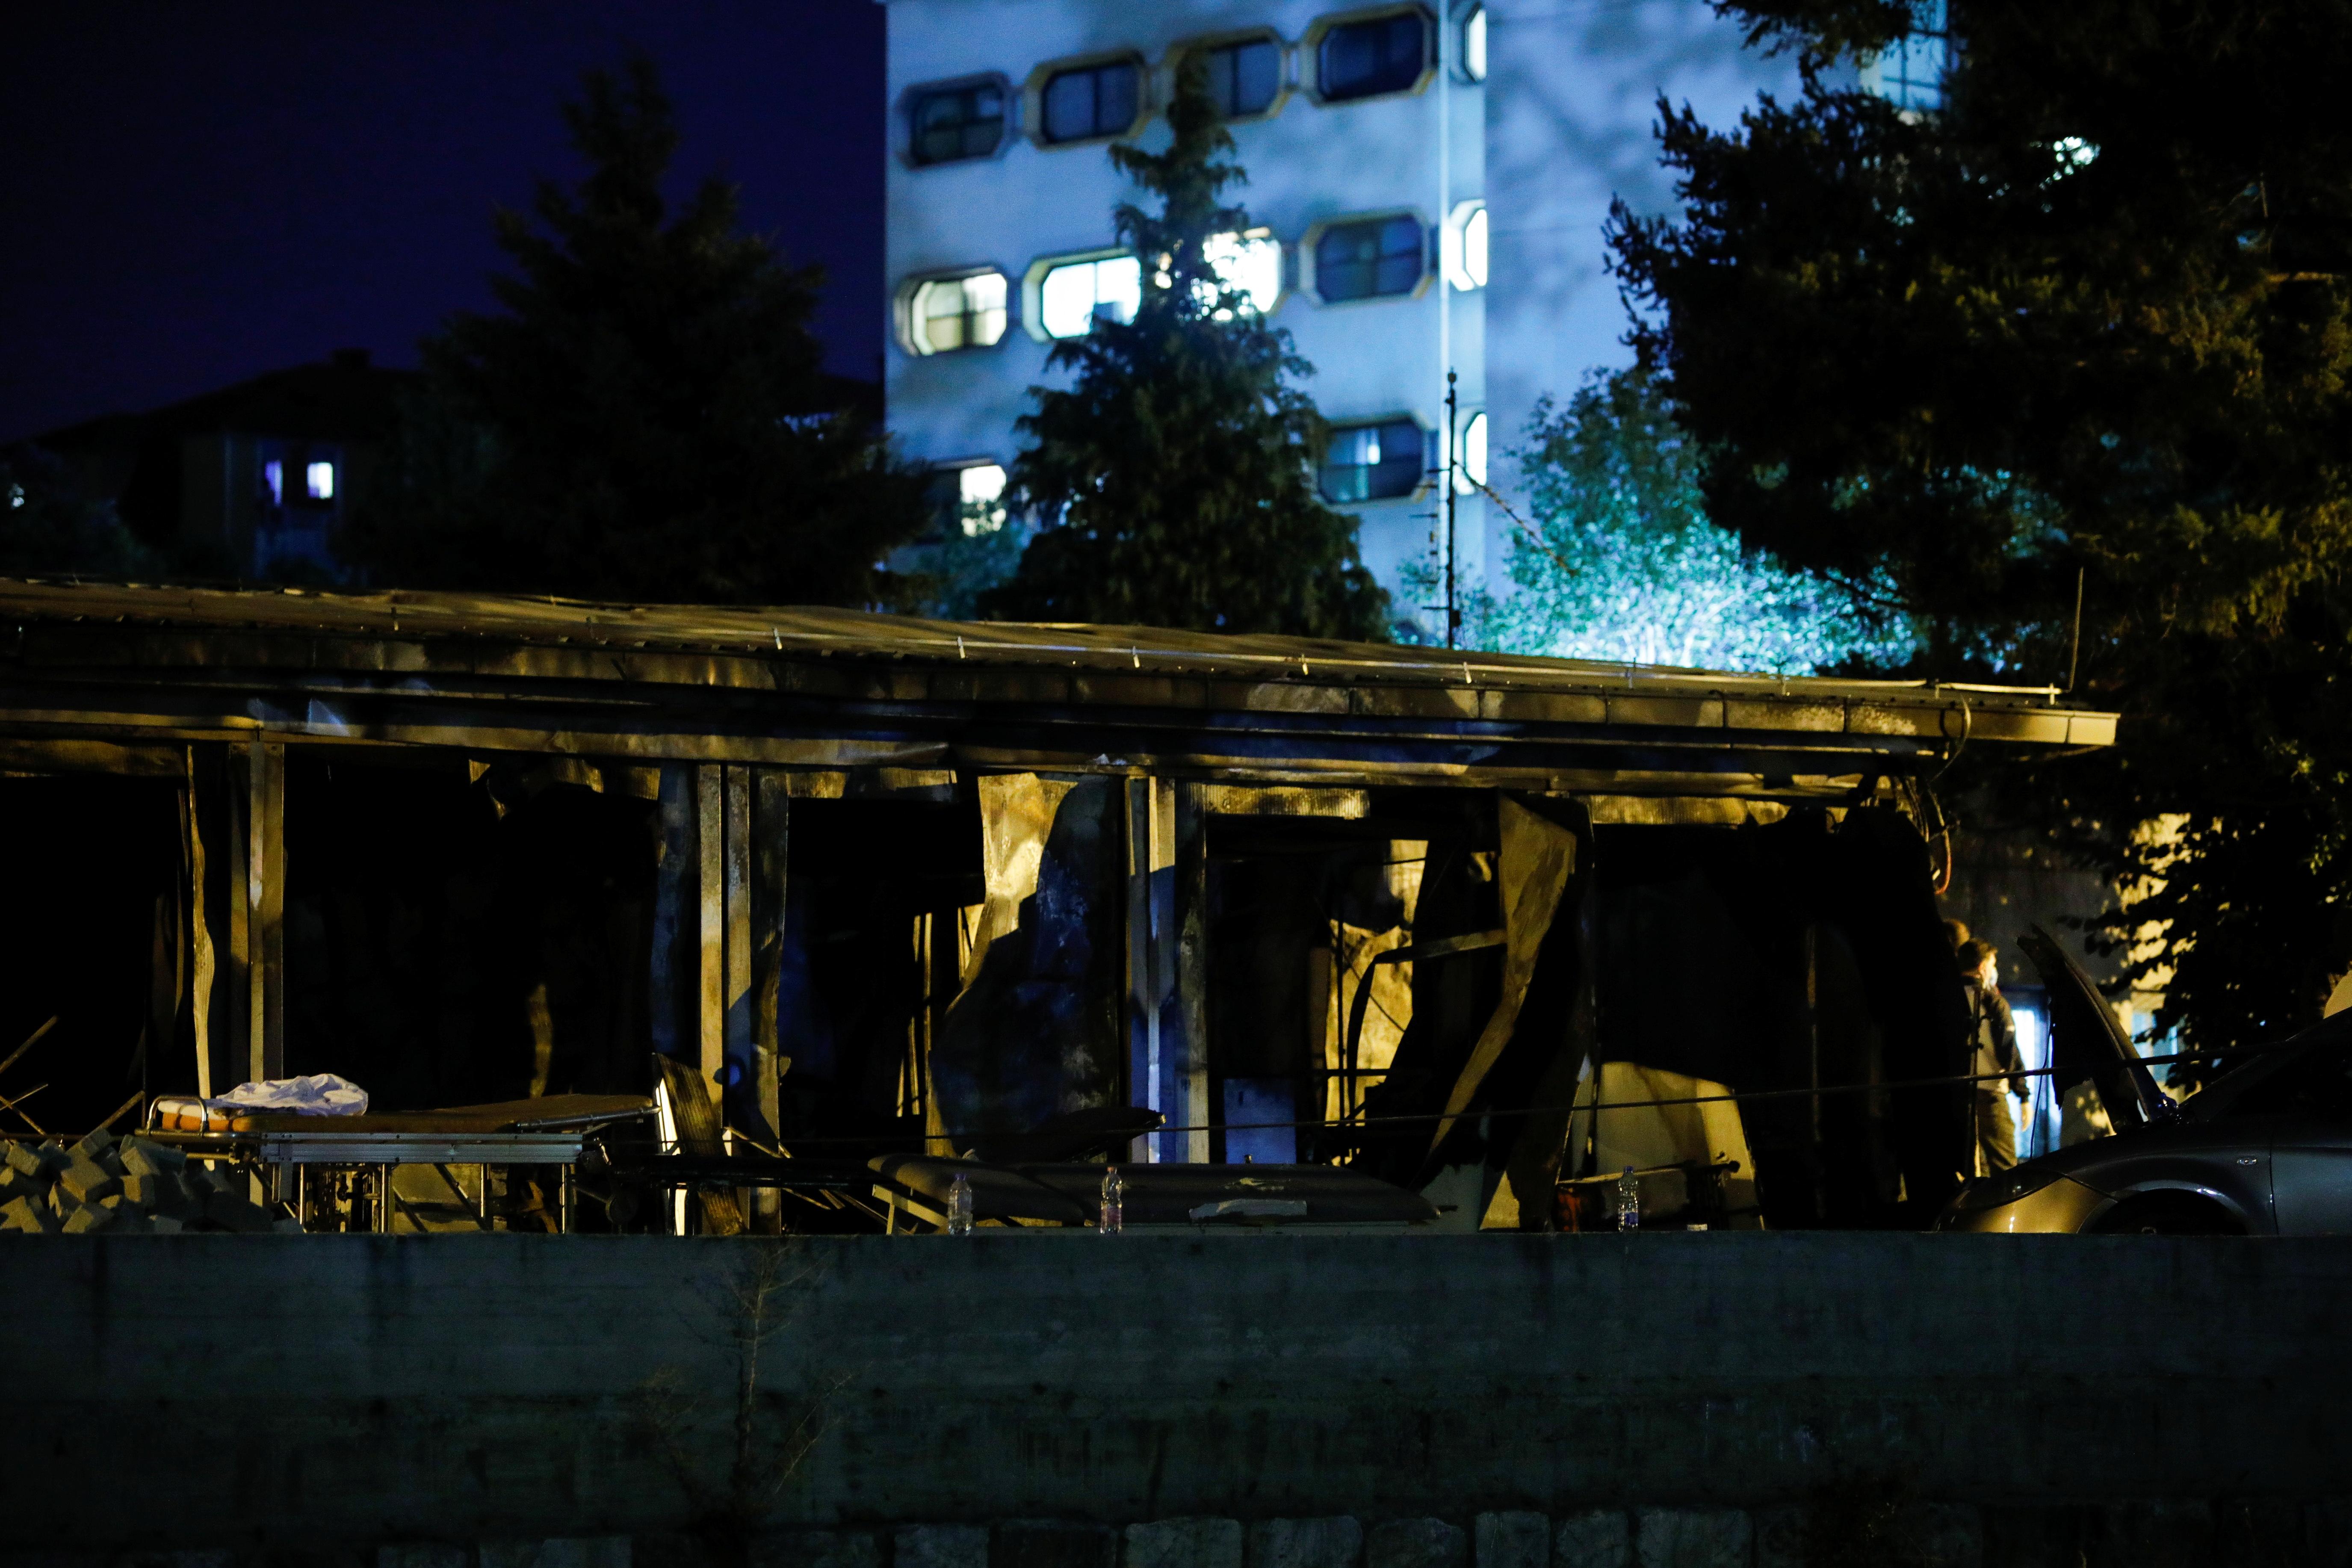 Госпіталь для пацієнтів з коронавірусною хворобою (COVID-19) відвідують після пожежі у Тетово, Північна Македонія, 9 вересня 2021 року. REUTERS/Огнен Теофіловський